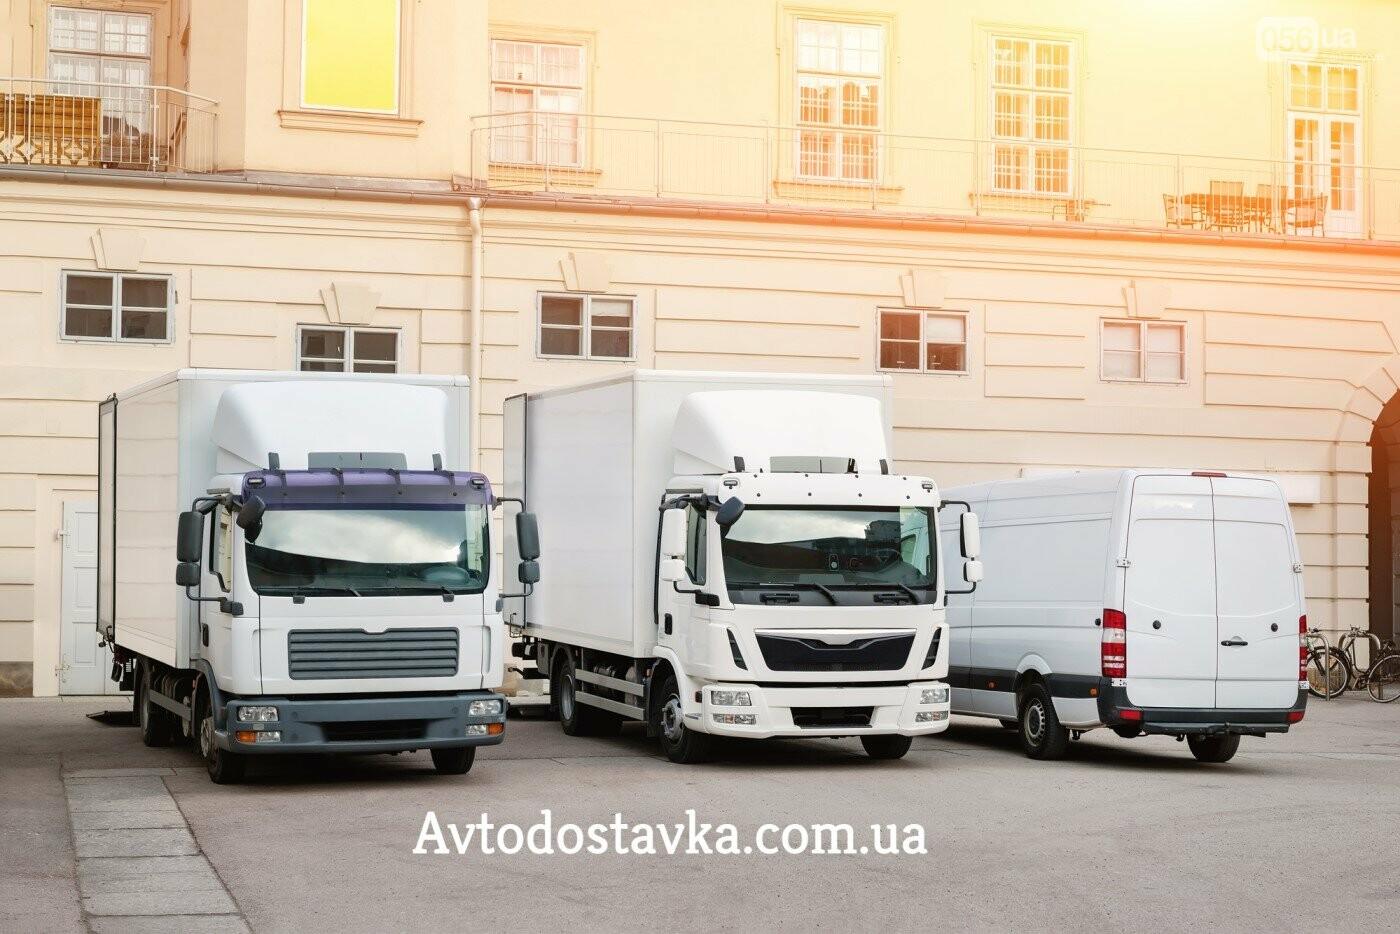 Грузовые перевозки Днепр Киев - транспортная служба Автодоставка, фото-1